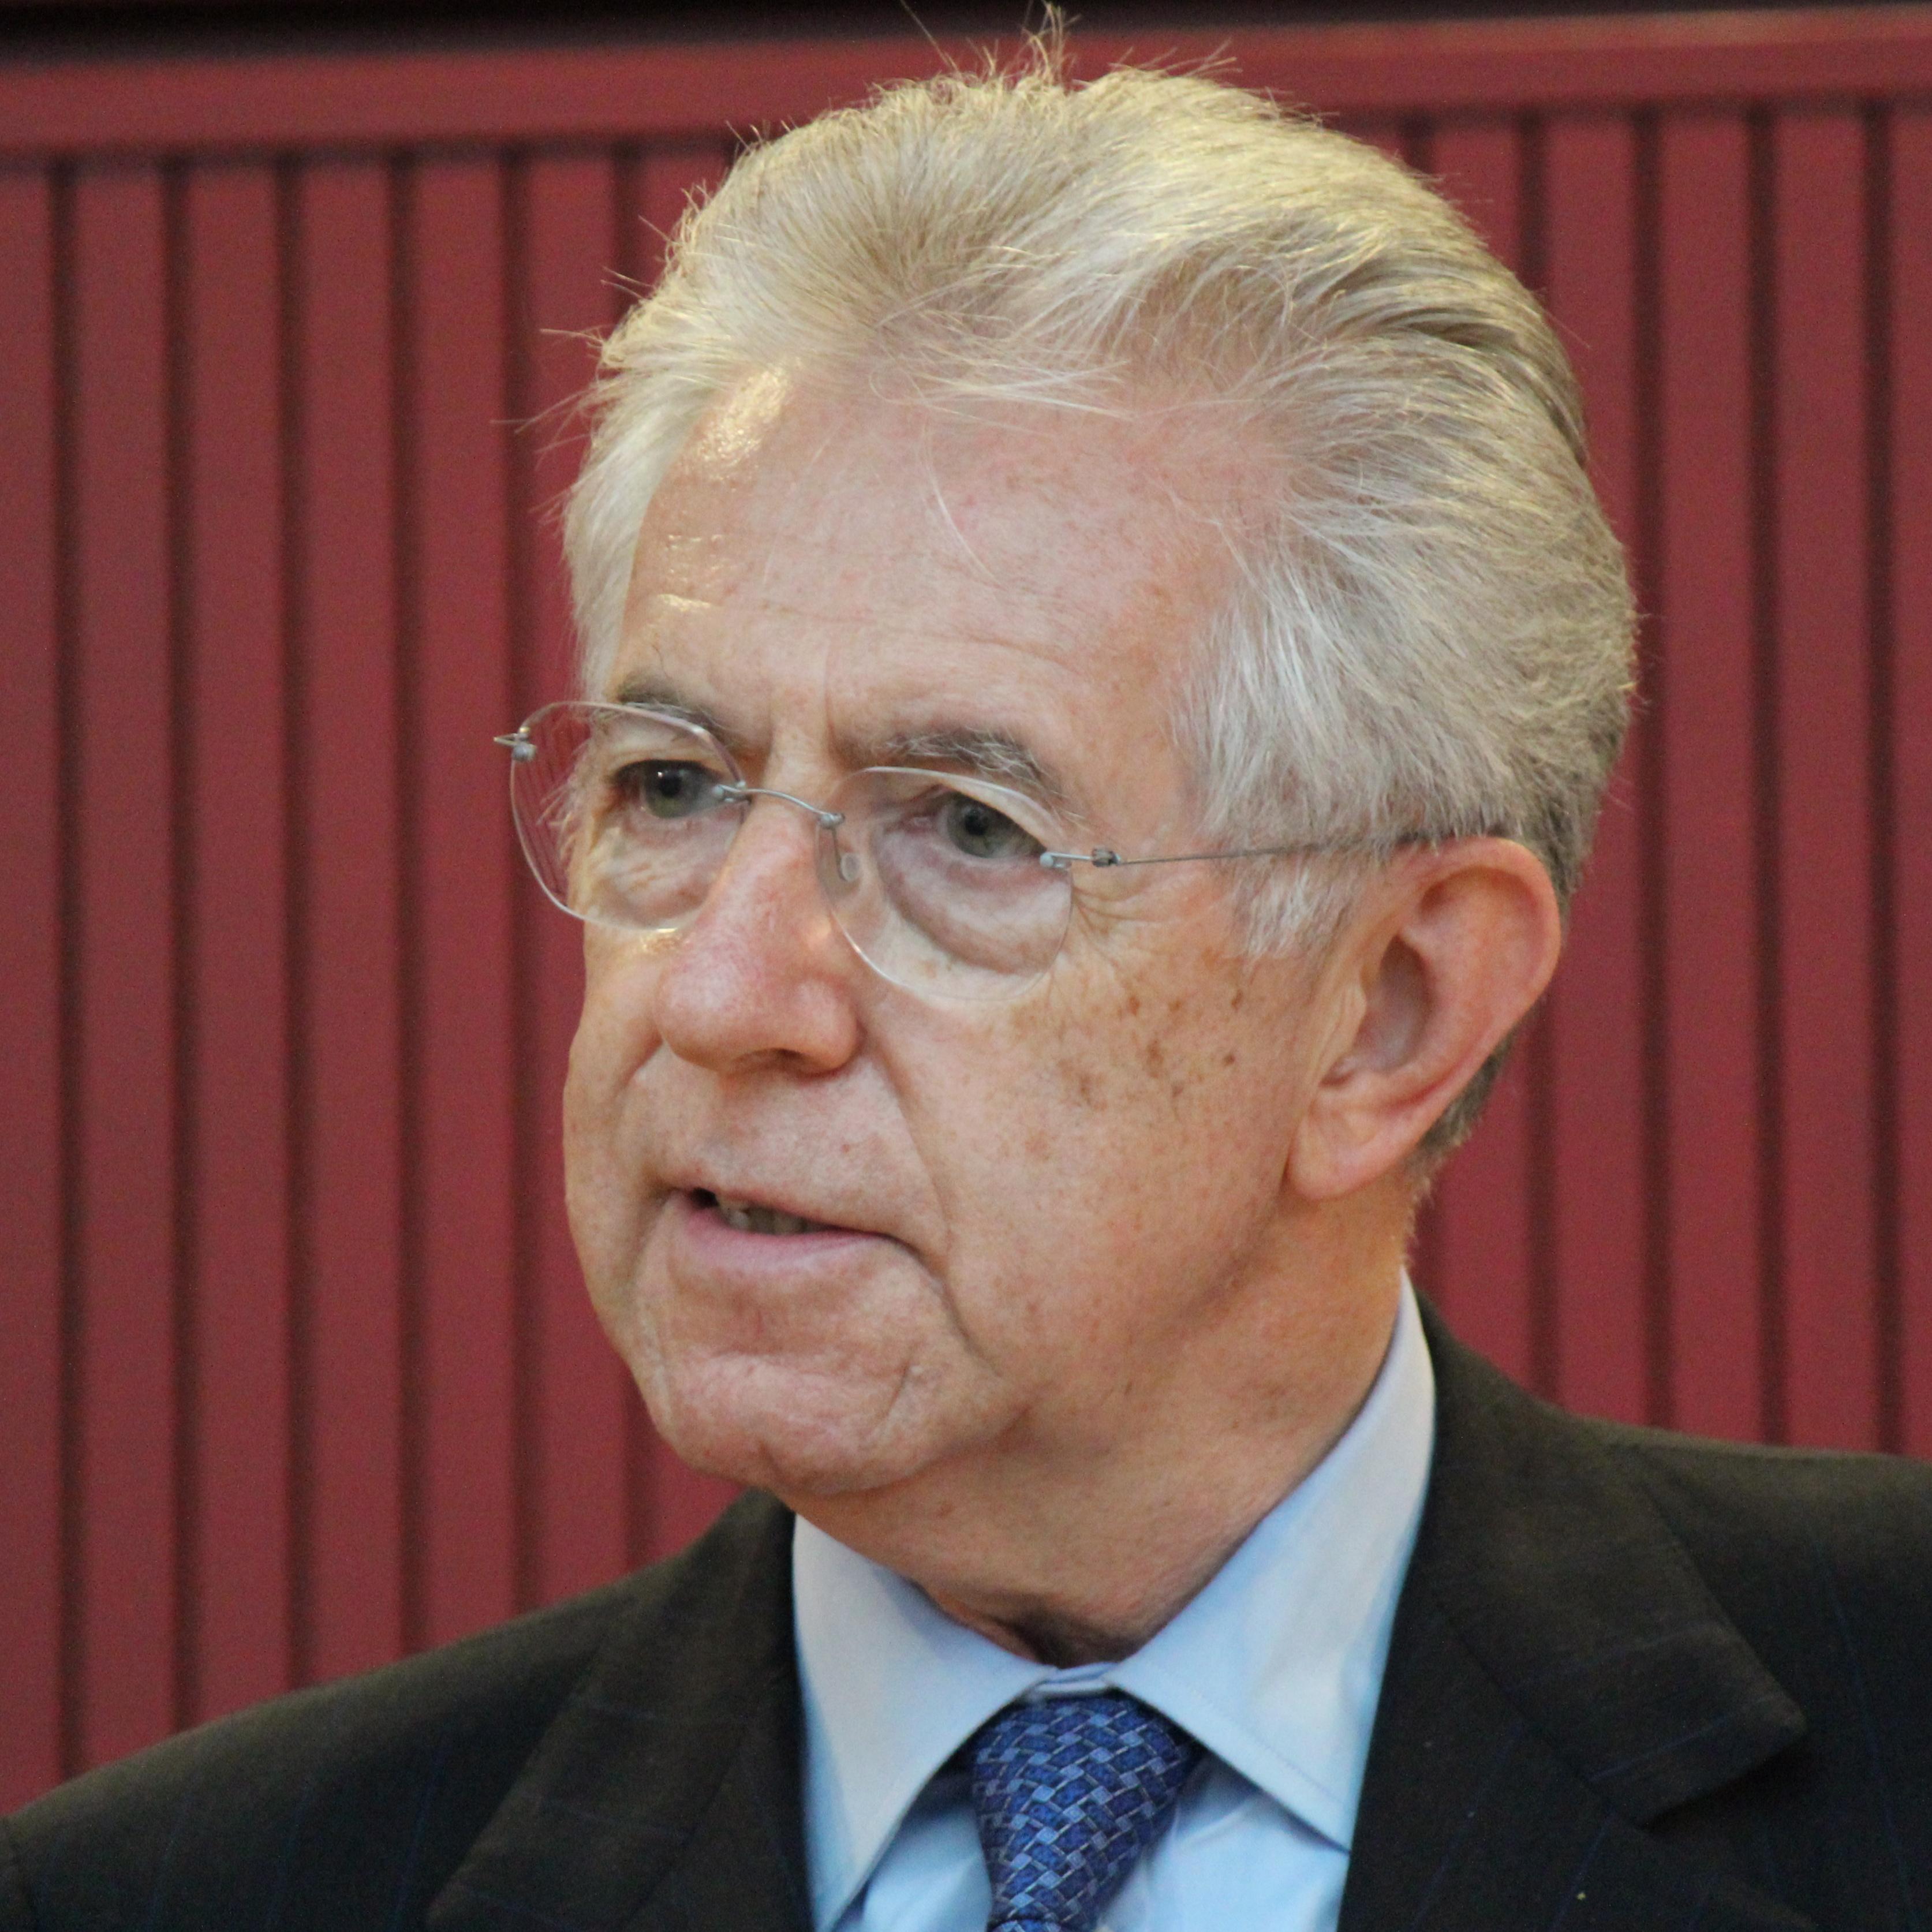 Mario Monti 2012 06 27 d